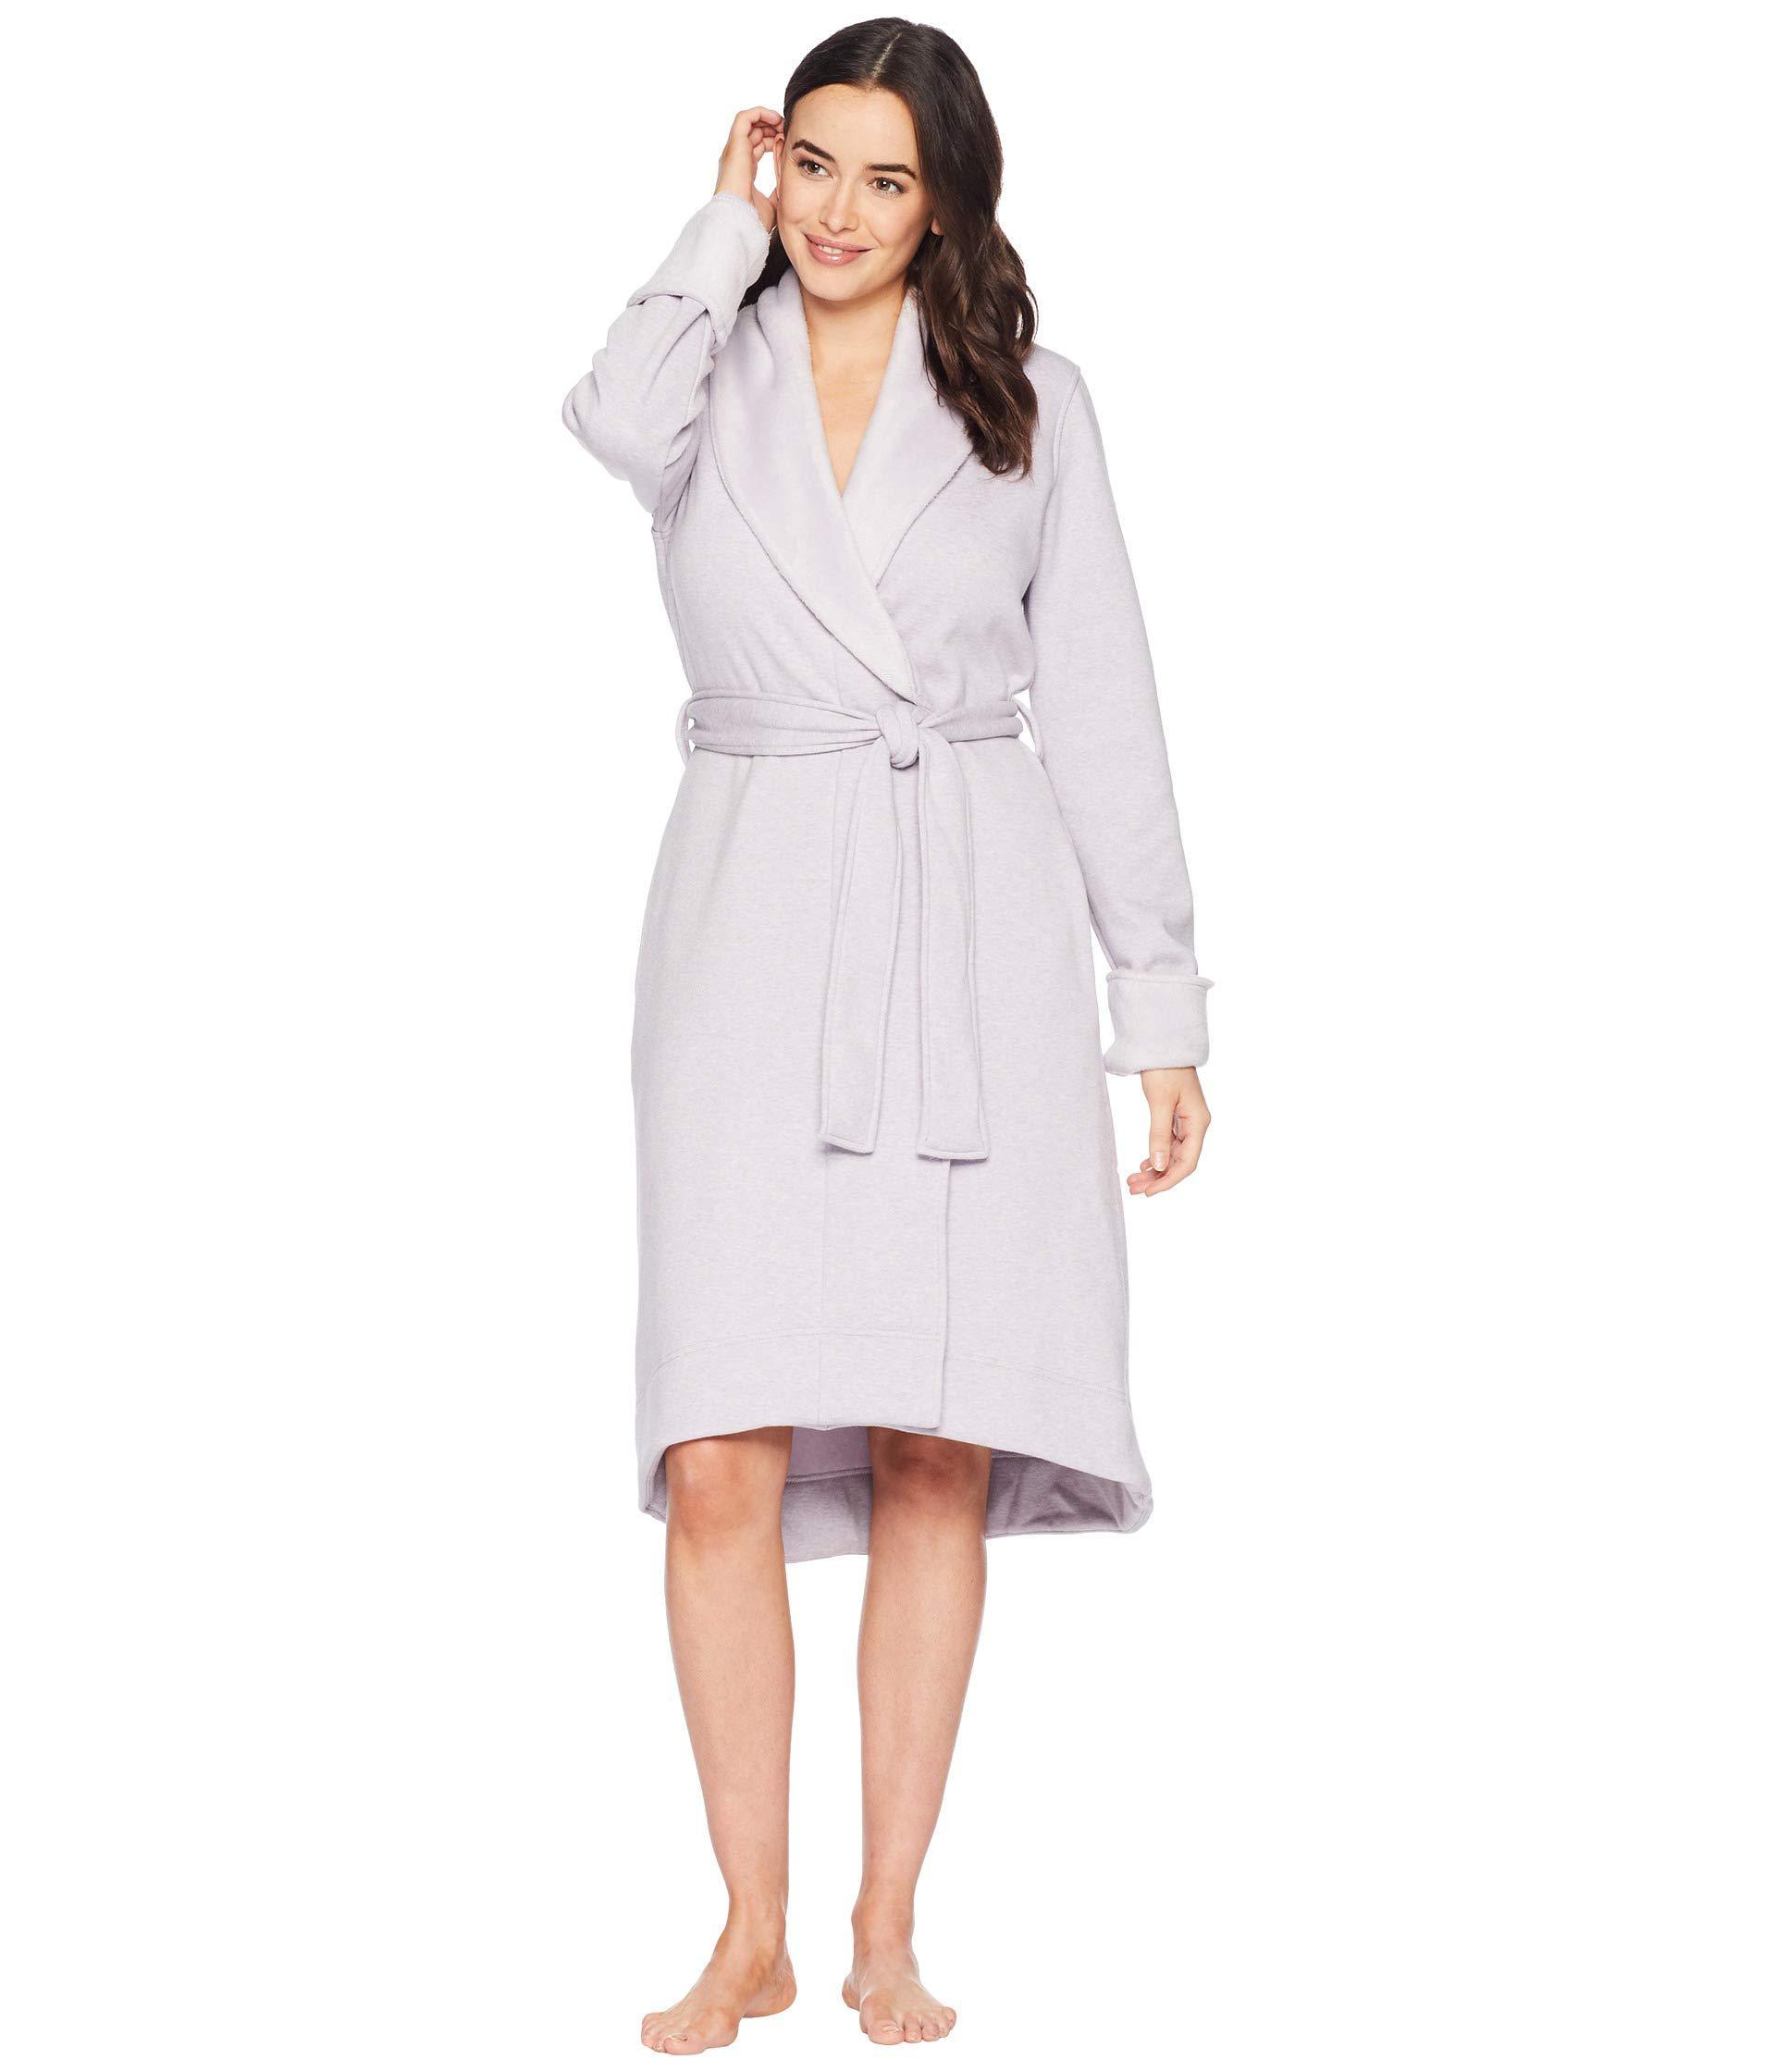 5bbf0c4d4e Lyst - UGG Duffield Ii Robe (navy Heather) Women s Robe in Purple